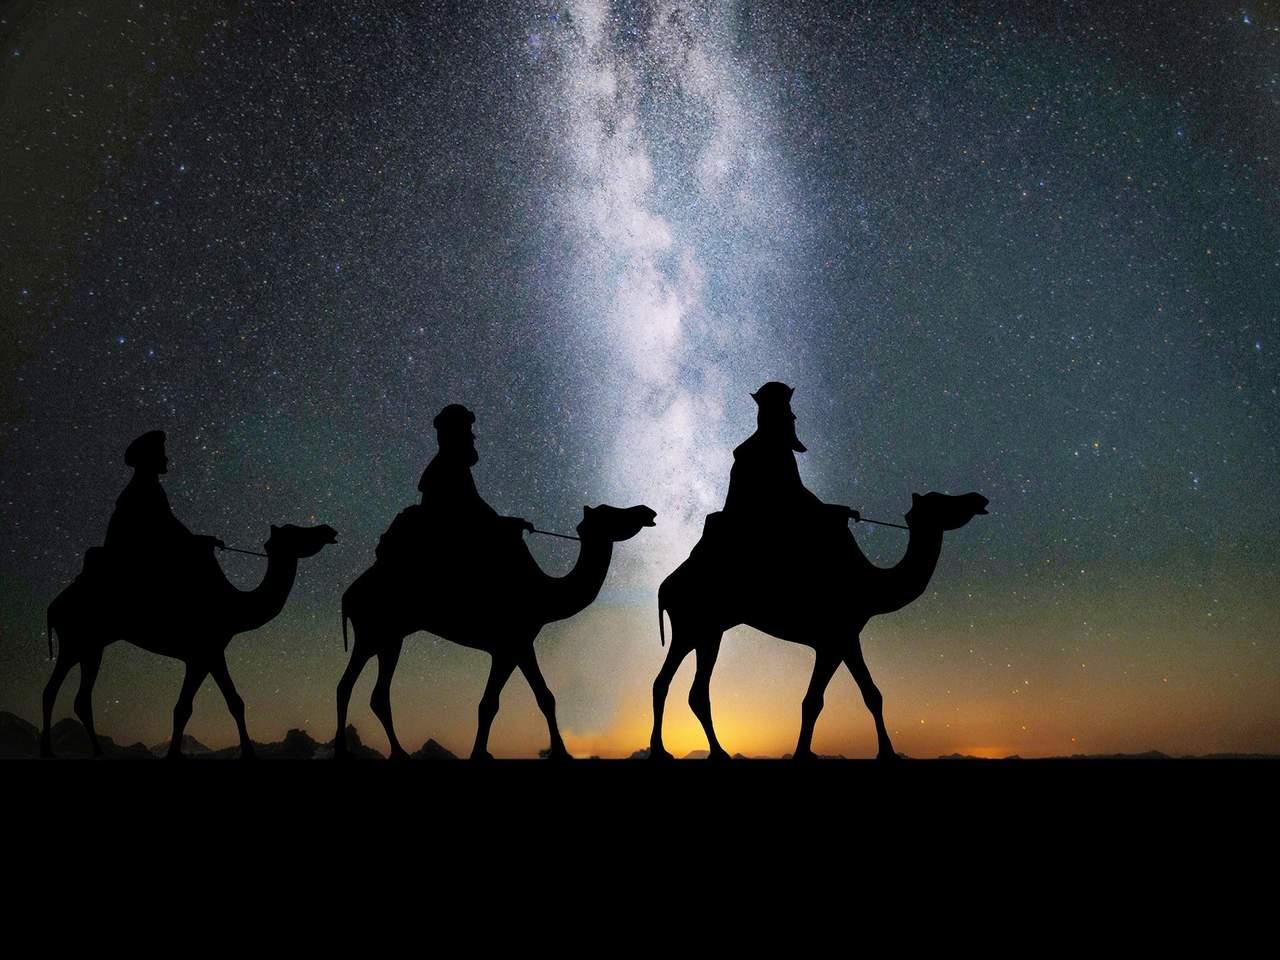 Fotos De Los Reye Magos.Cual Es El Origen De La Historia De Los Reyes Magos El